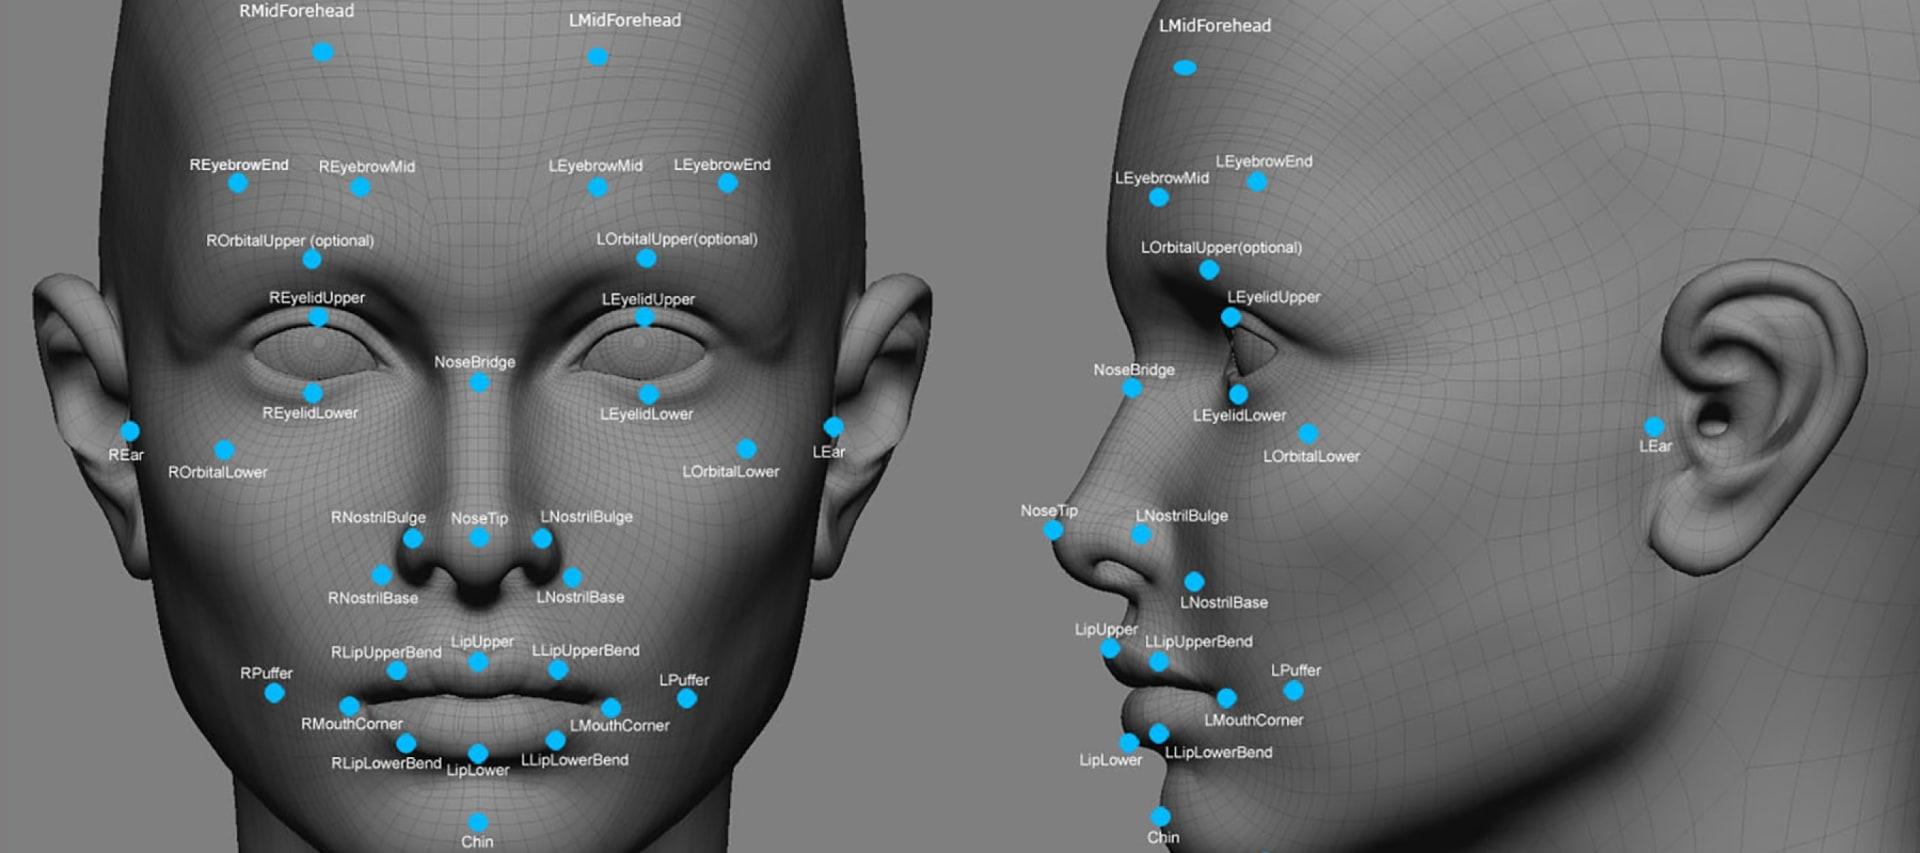 WEB Deep Face facial recognition app by Facebook